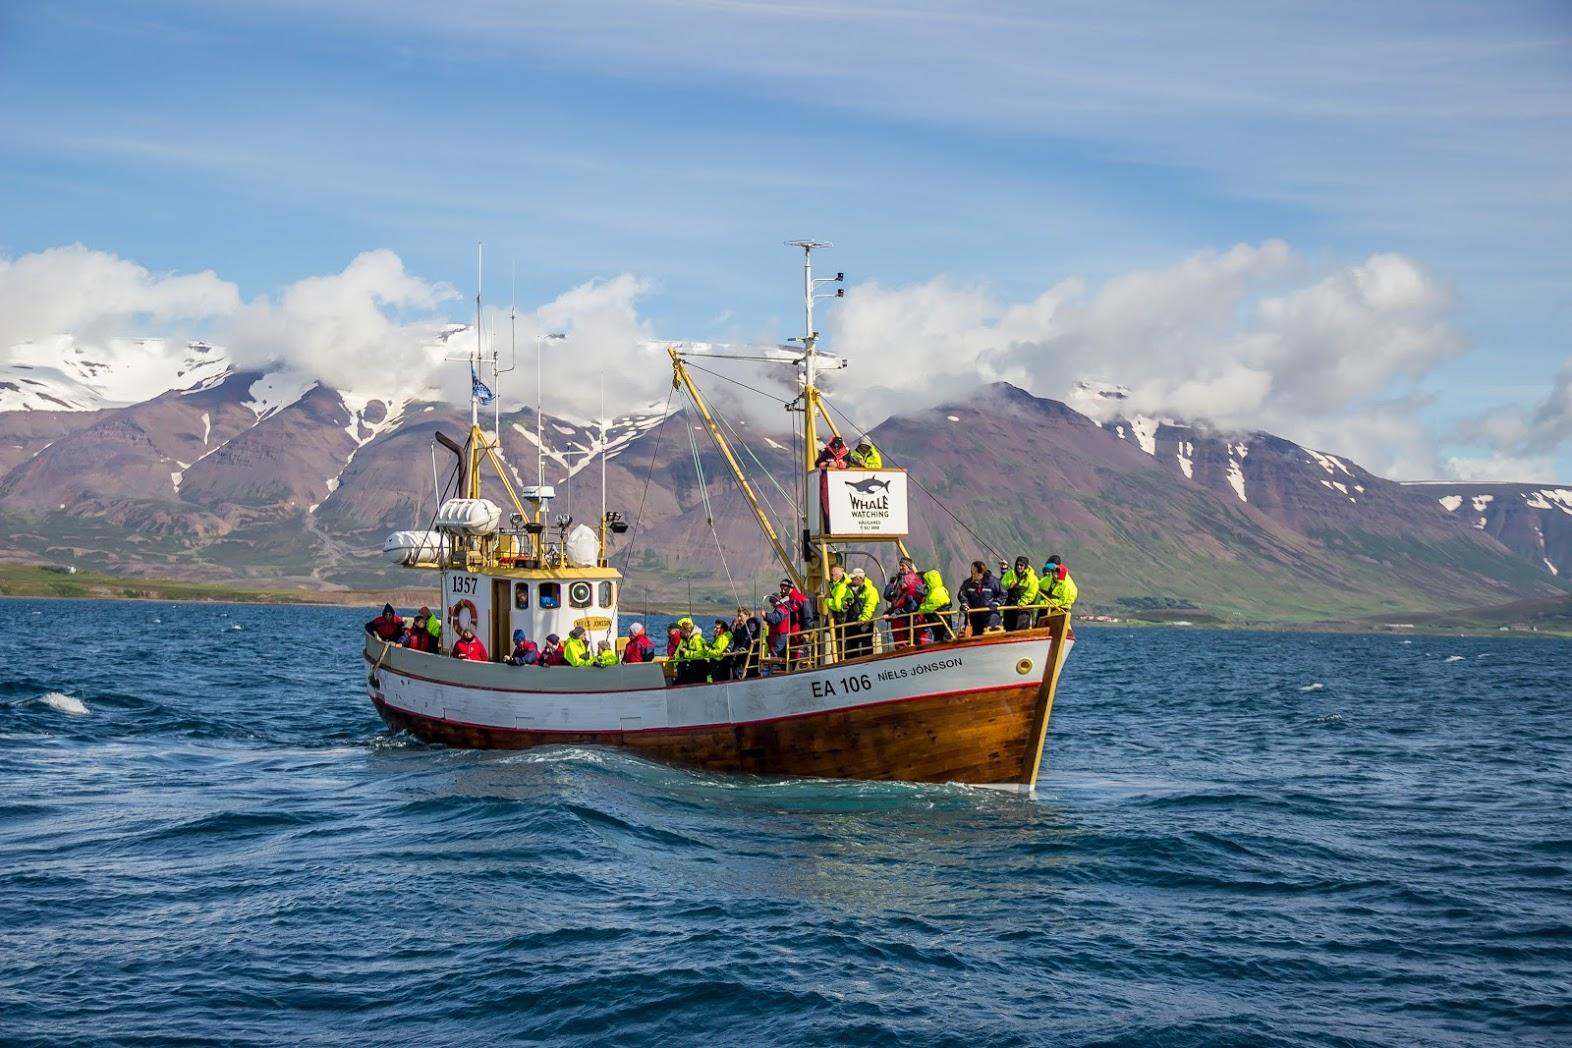 Północna Islandia to doskonała lokalizacja do obserwowania wielorybów i posiada jeden z najwyższych wskaźników udanych rejsów.